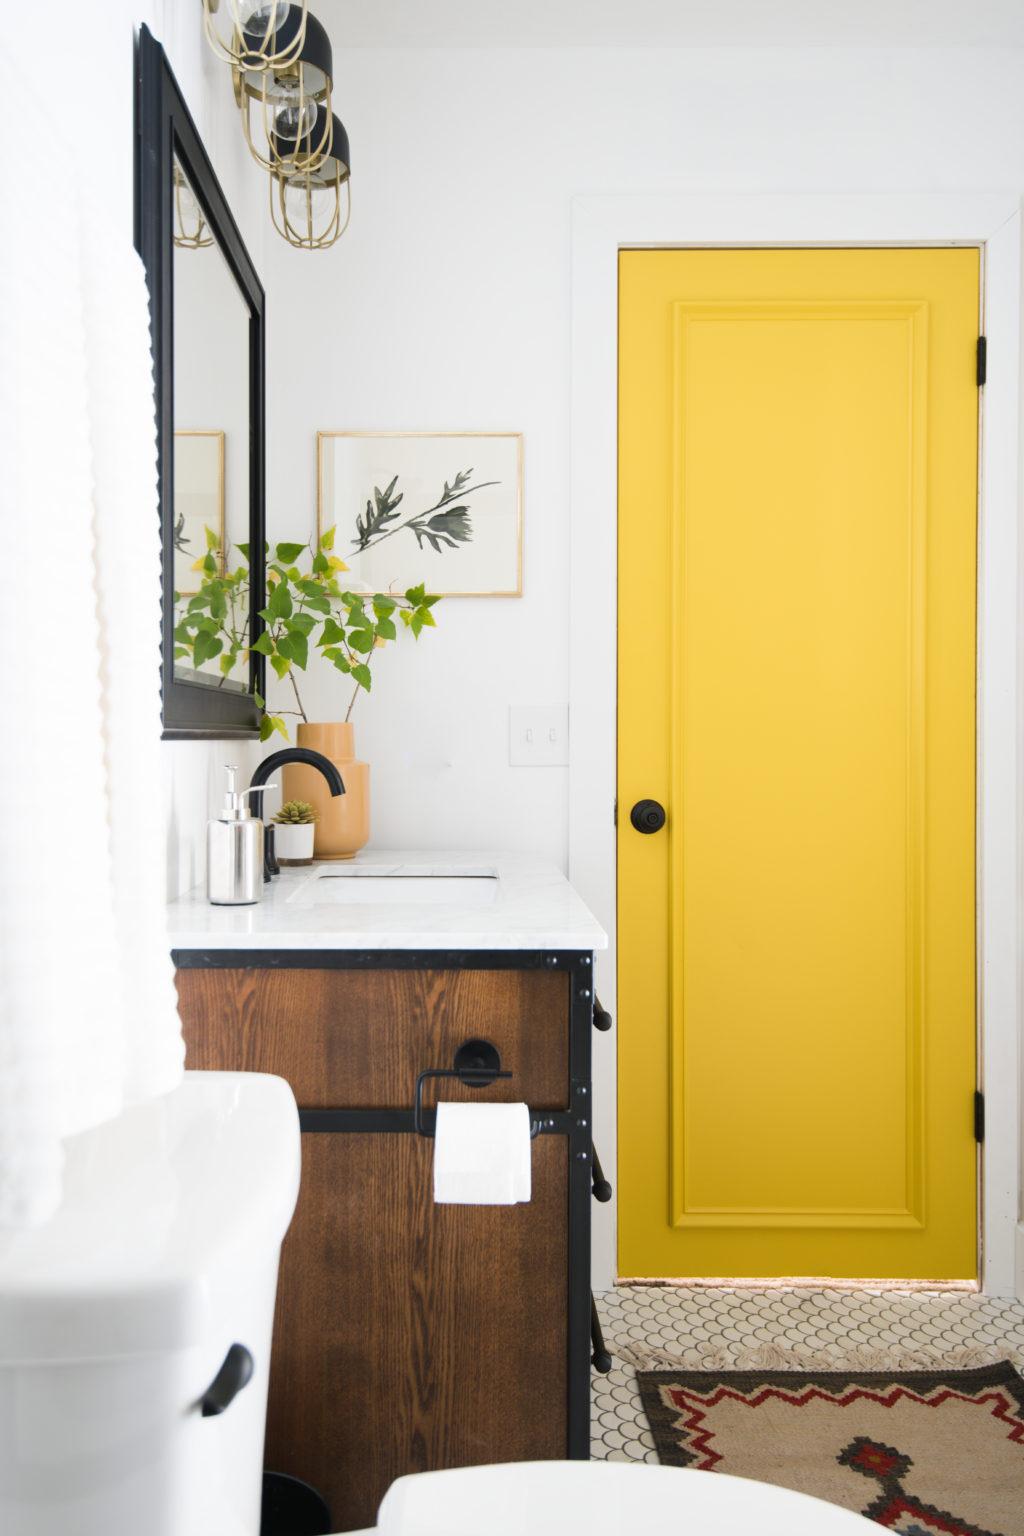 DIY Door Moulding onan eclectic yellow bathroom door from Vintage Revivals